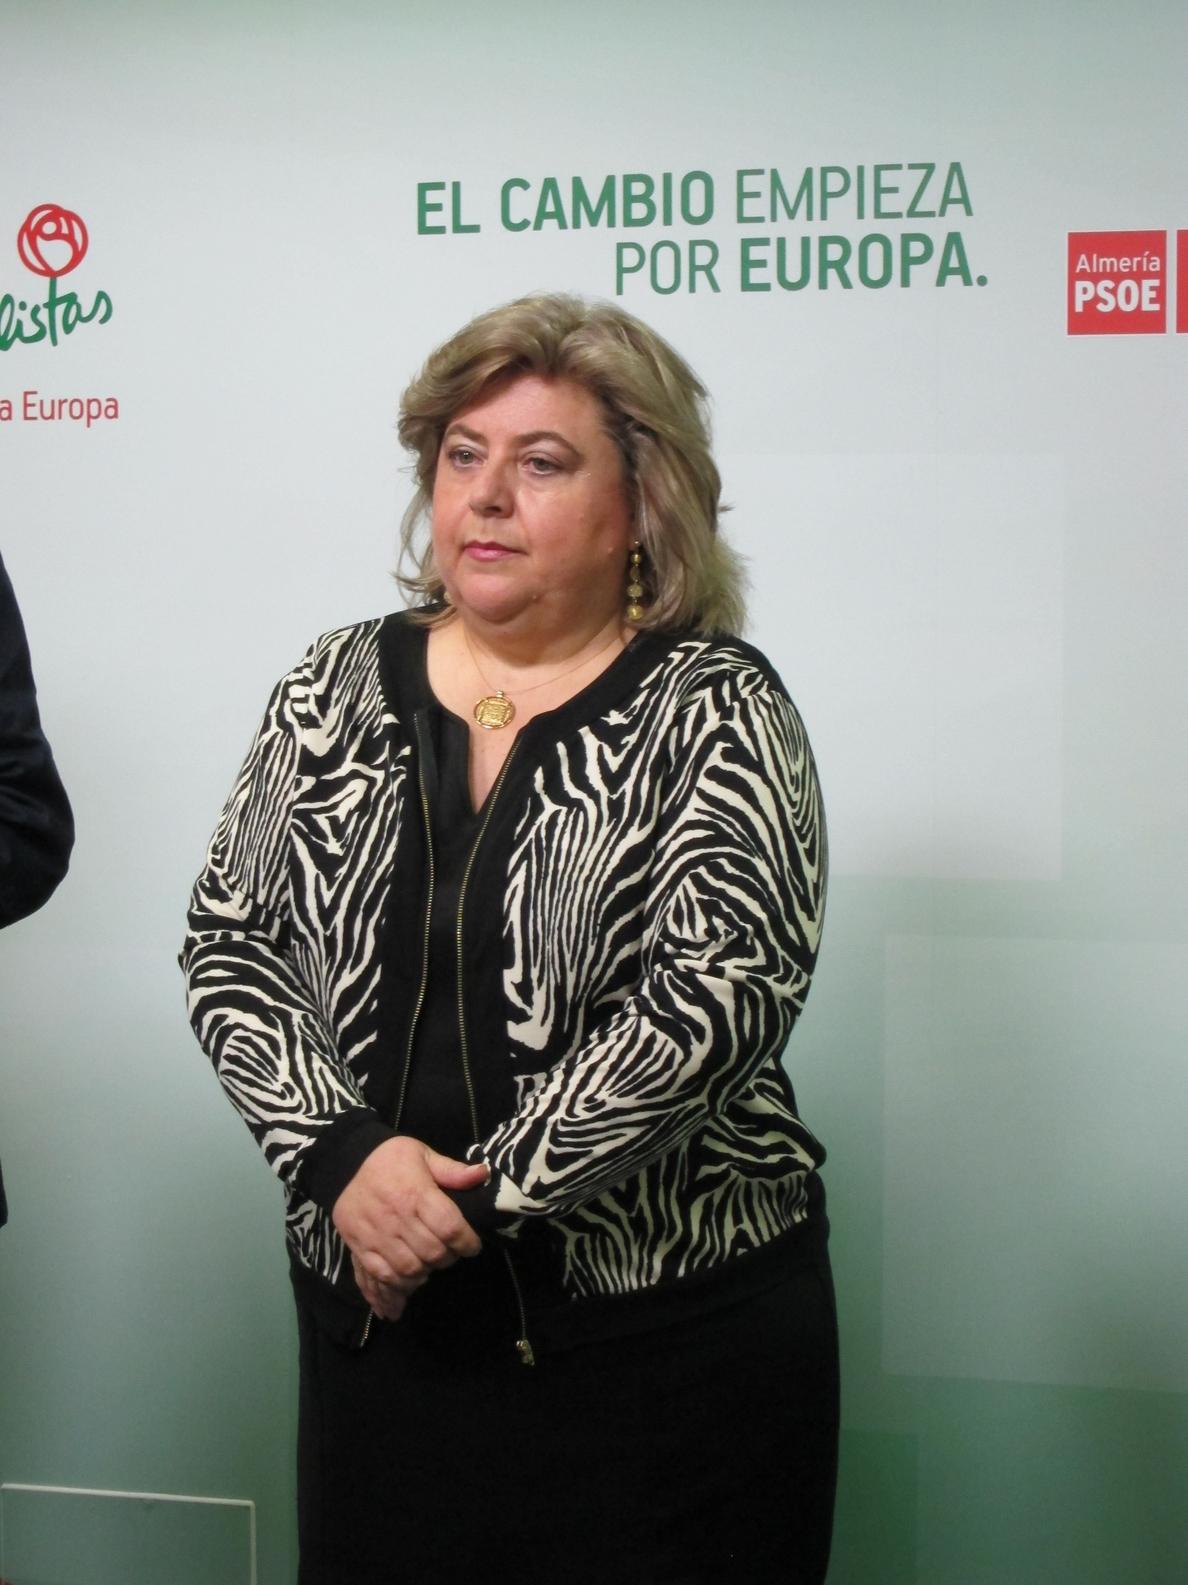 Aguilera (PSOE-A) considera «muy difícil, pero no imposible» poder cometer fraude con ayudas provenientes de Europa